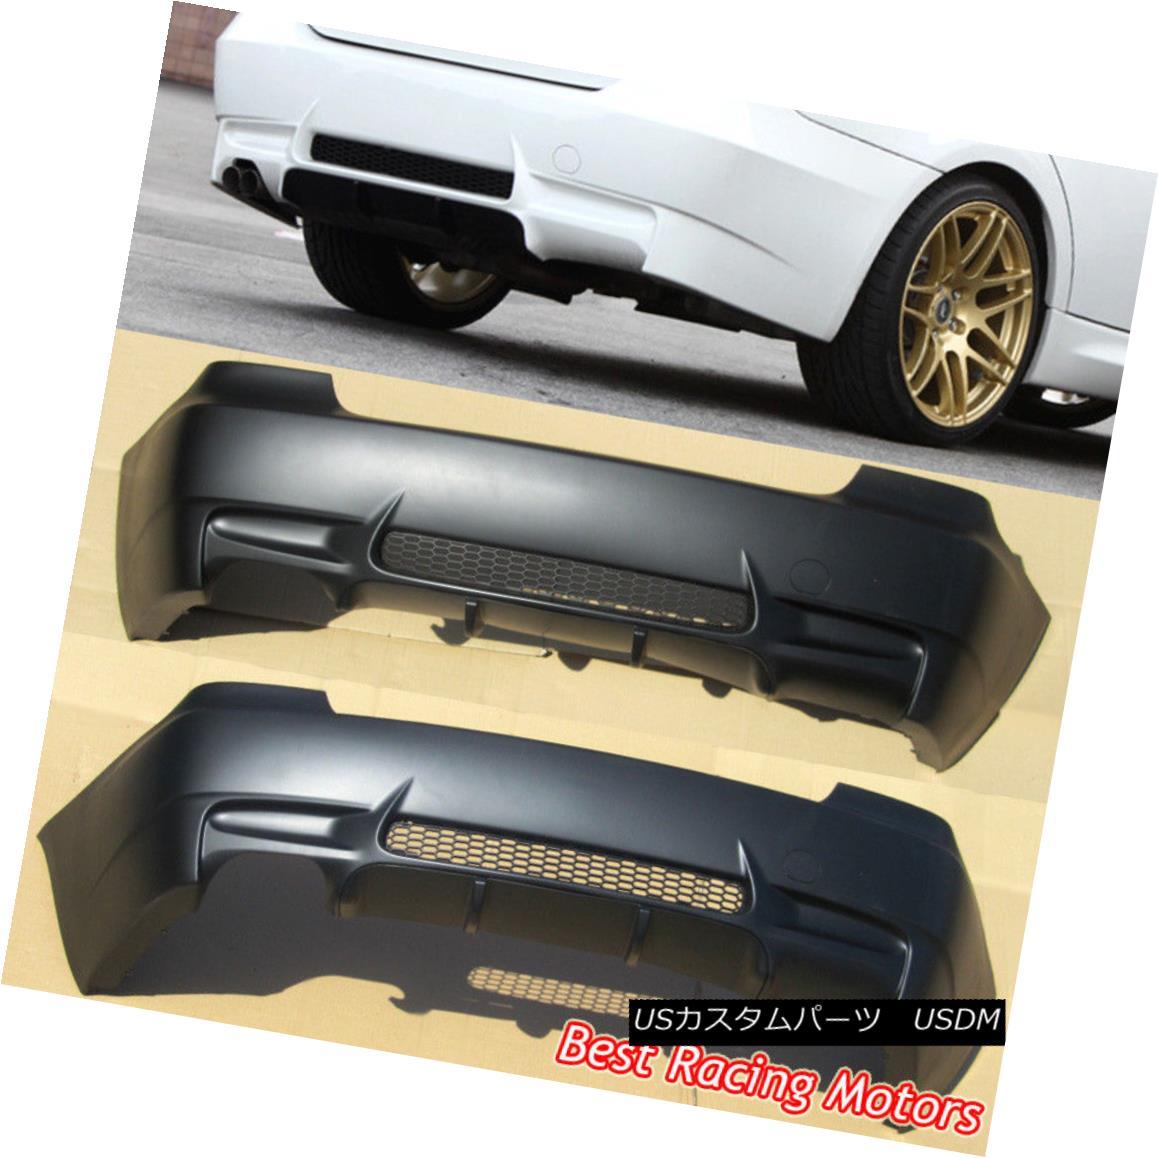 エアロパーツ Rear M Style Rear BMW Fits Bumper Cover (PP) [Single Exhaust] Fits 07-13 BMW E92 E93 2dr Mスタイル後部バンパーカバー(PP)[シングルエキゾースト]適合07-13 BMW E92 E93 2dr, 山県市:89f99c8b --- officewill.xsrv.jp